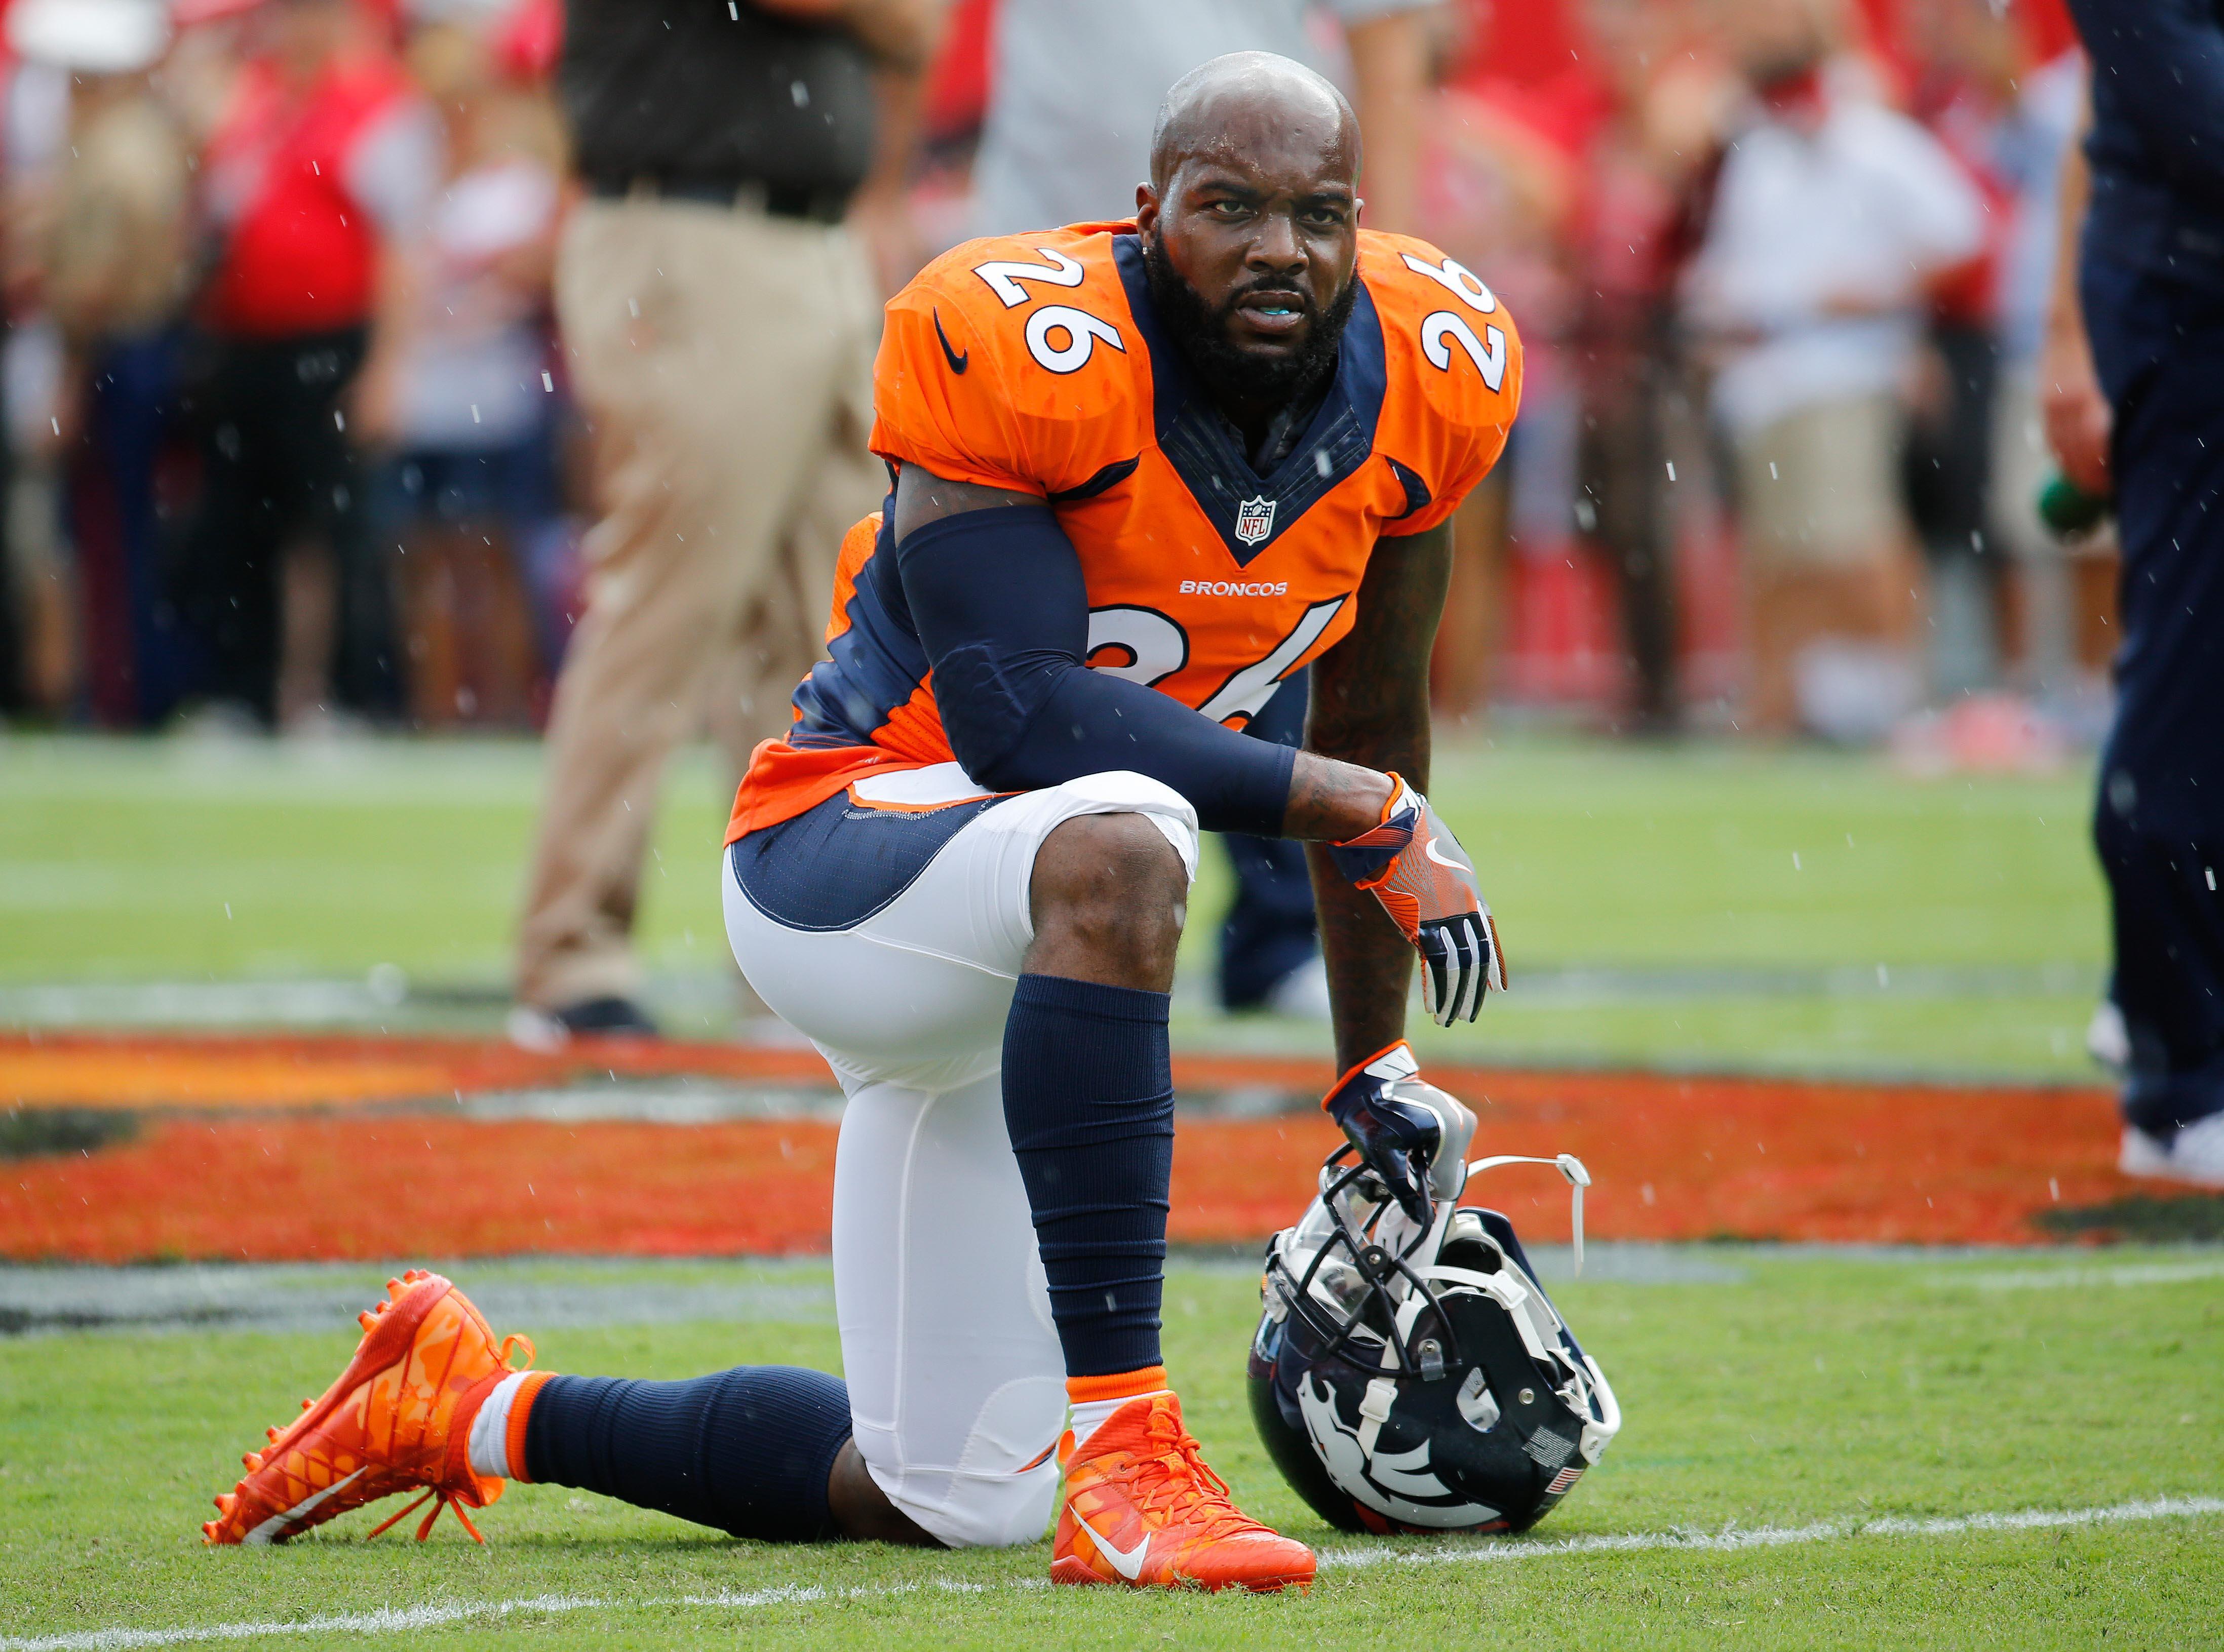 NFL: Denver Broncos at Tampa Bay Buccaneers